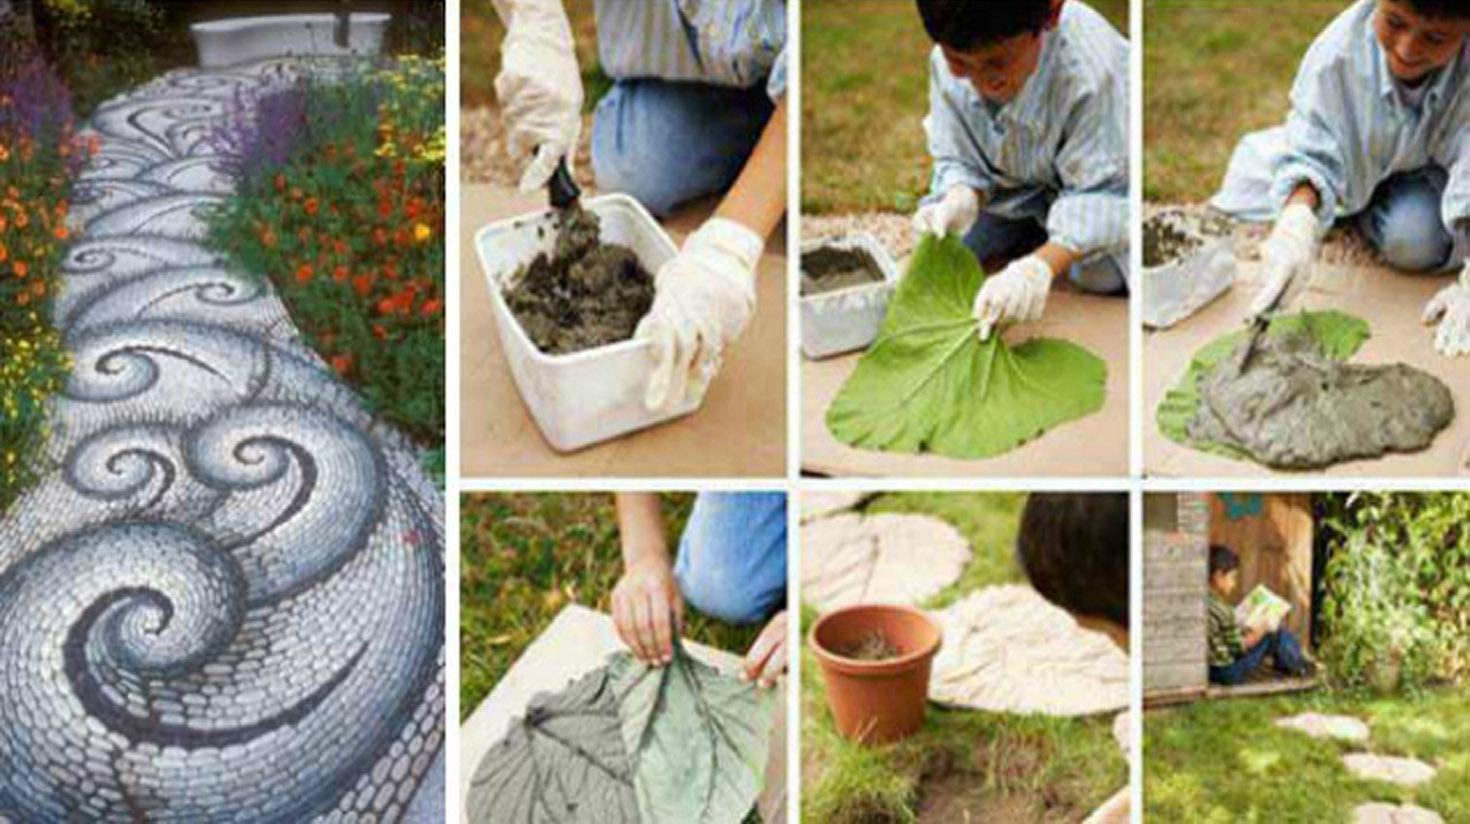 12 Idées Pour Aménager Vos Allées De Jardin !   Diy Seloger concernant Modeles Jardins Avec Galets